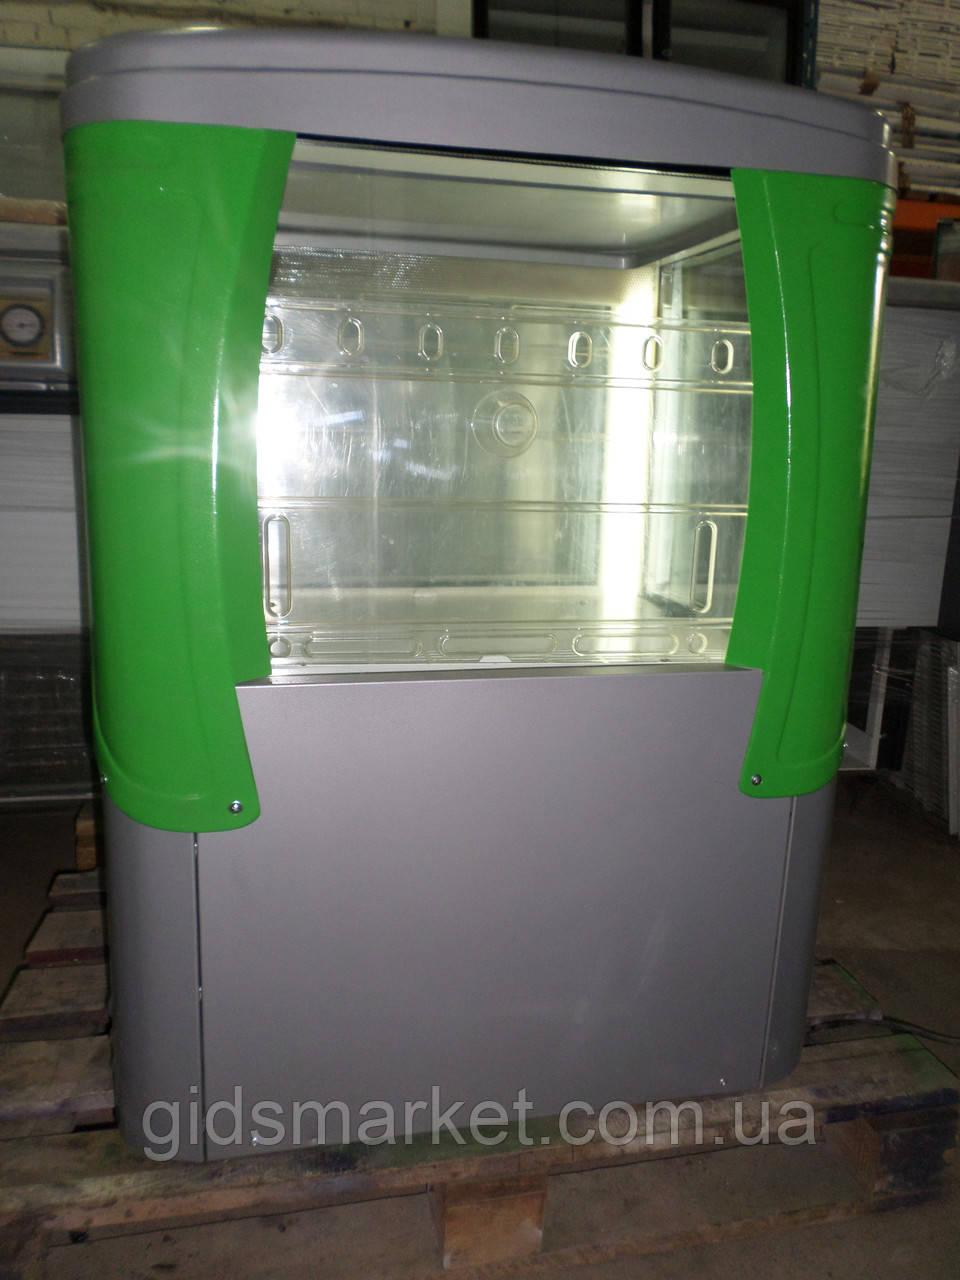 Продажа холодильник витрина бу